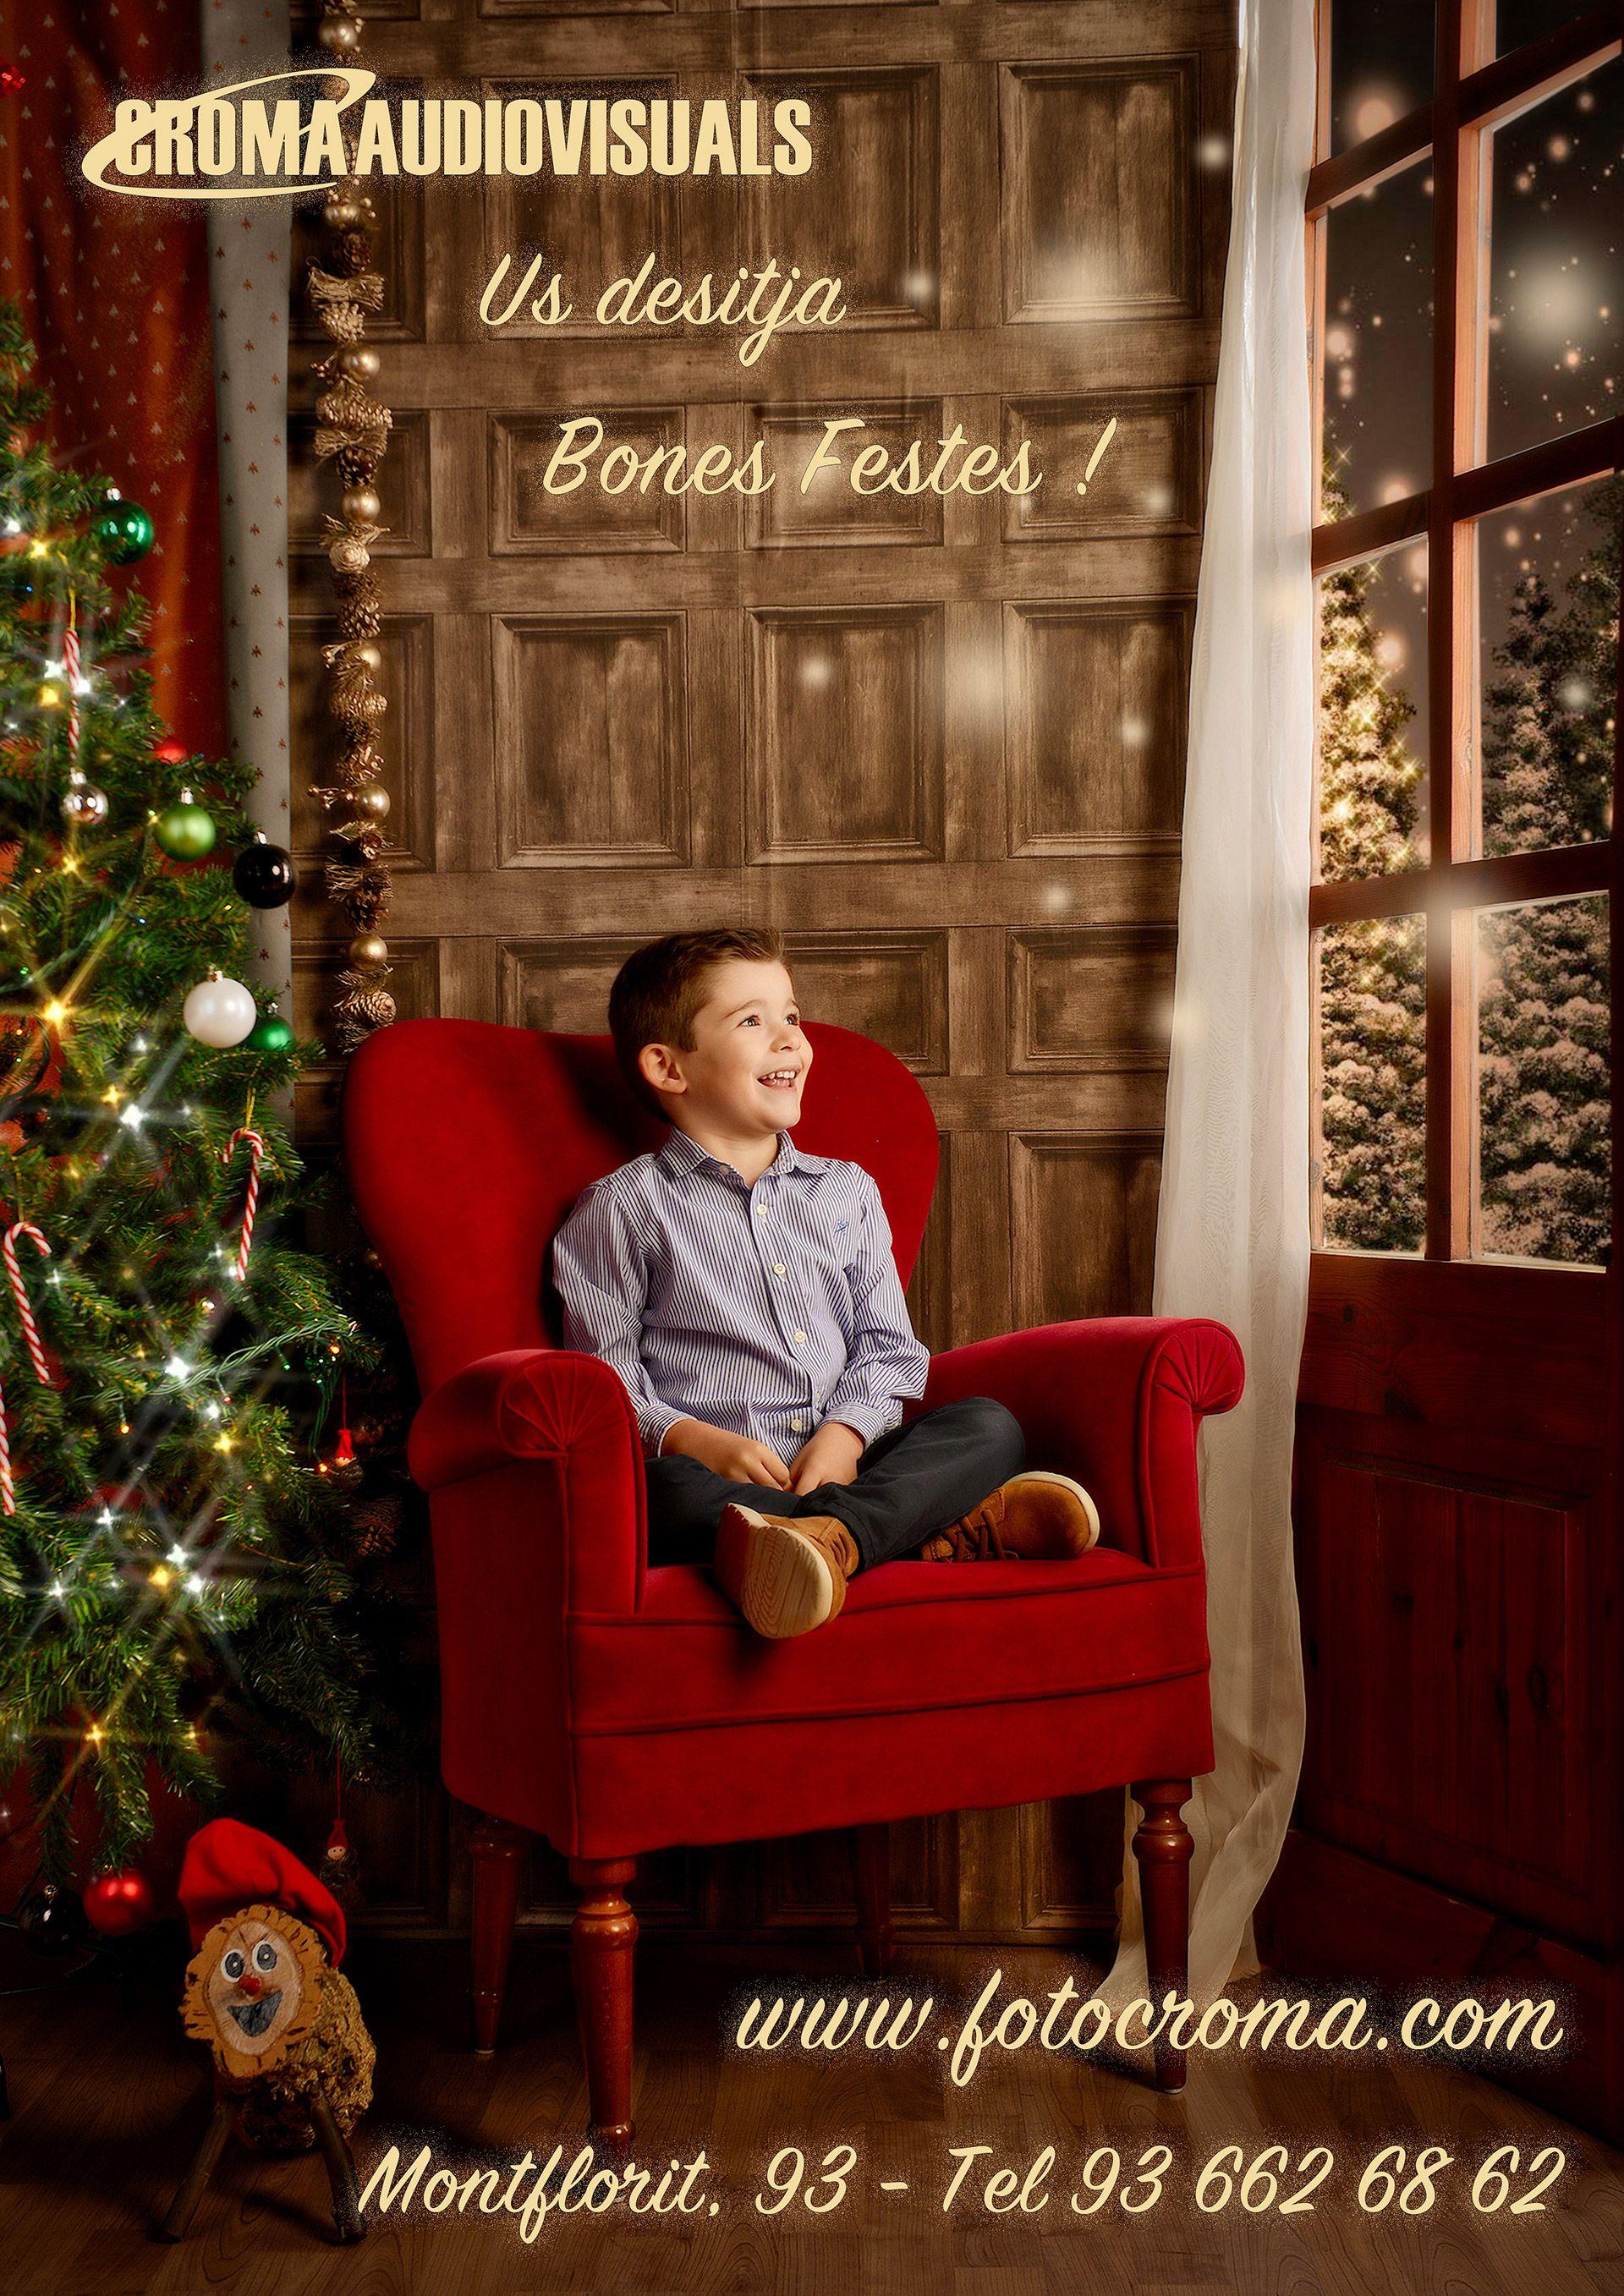 ¡¡¡Felices Fiestas!!! ¡¡¡Bones Festes!!!